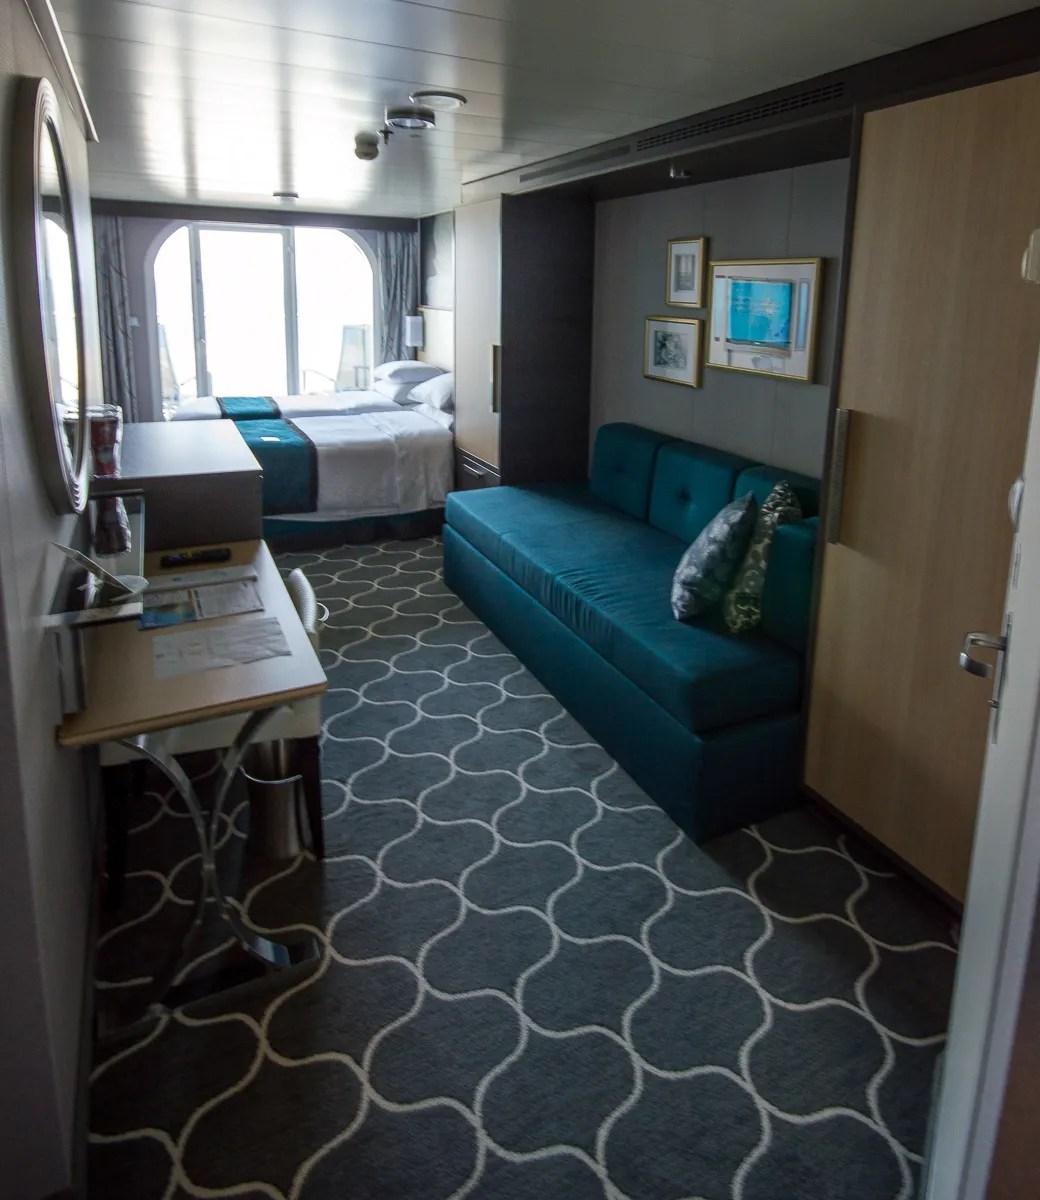 Balcony Stateroom aboard the Harmony of the Seas